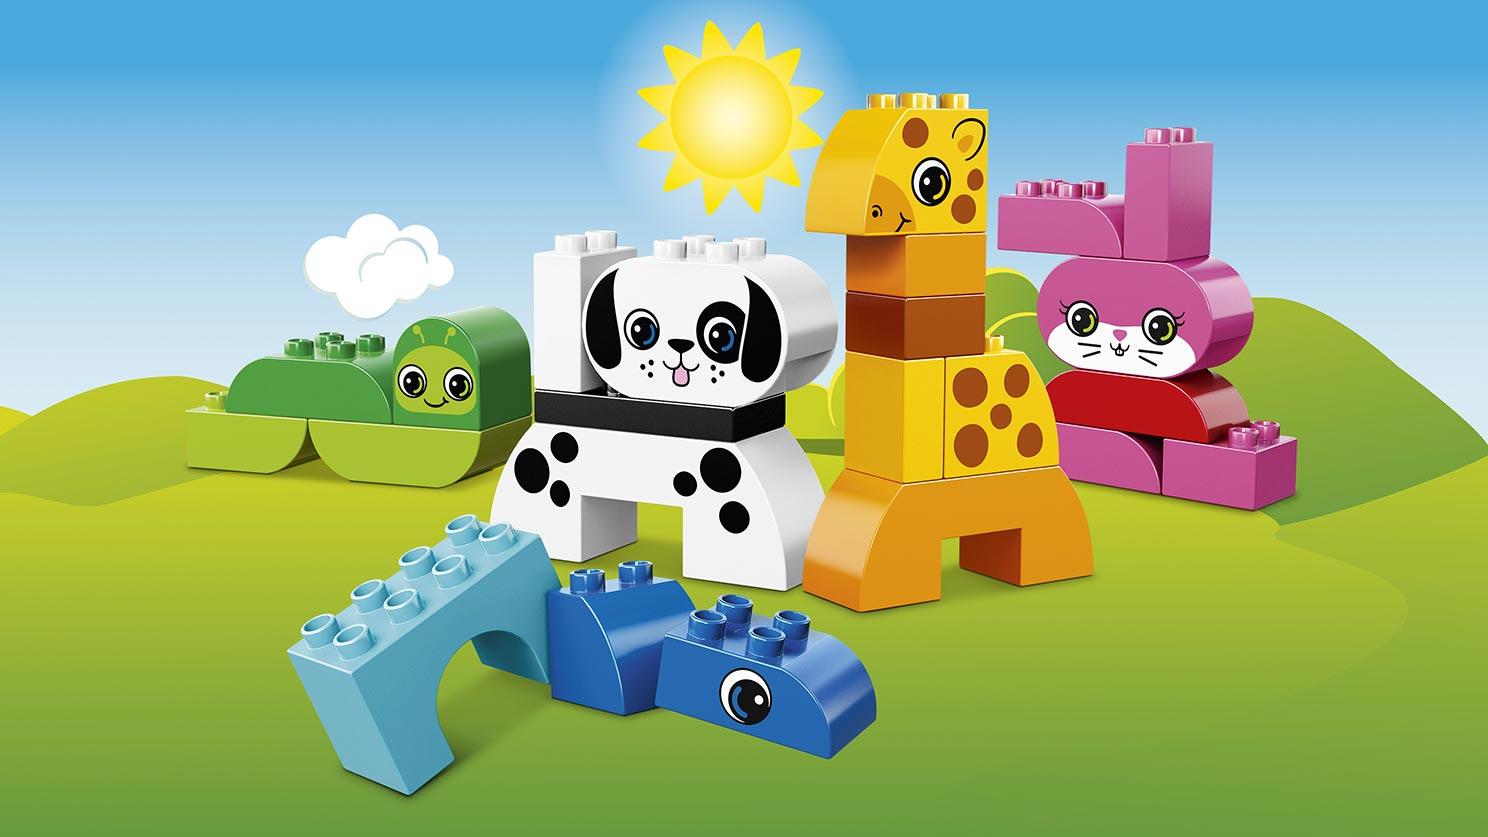 LEGO_10573_PROD_PRI_1488